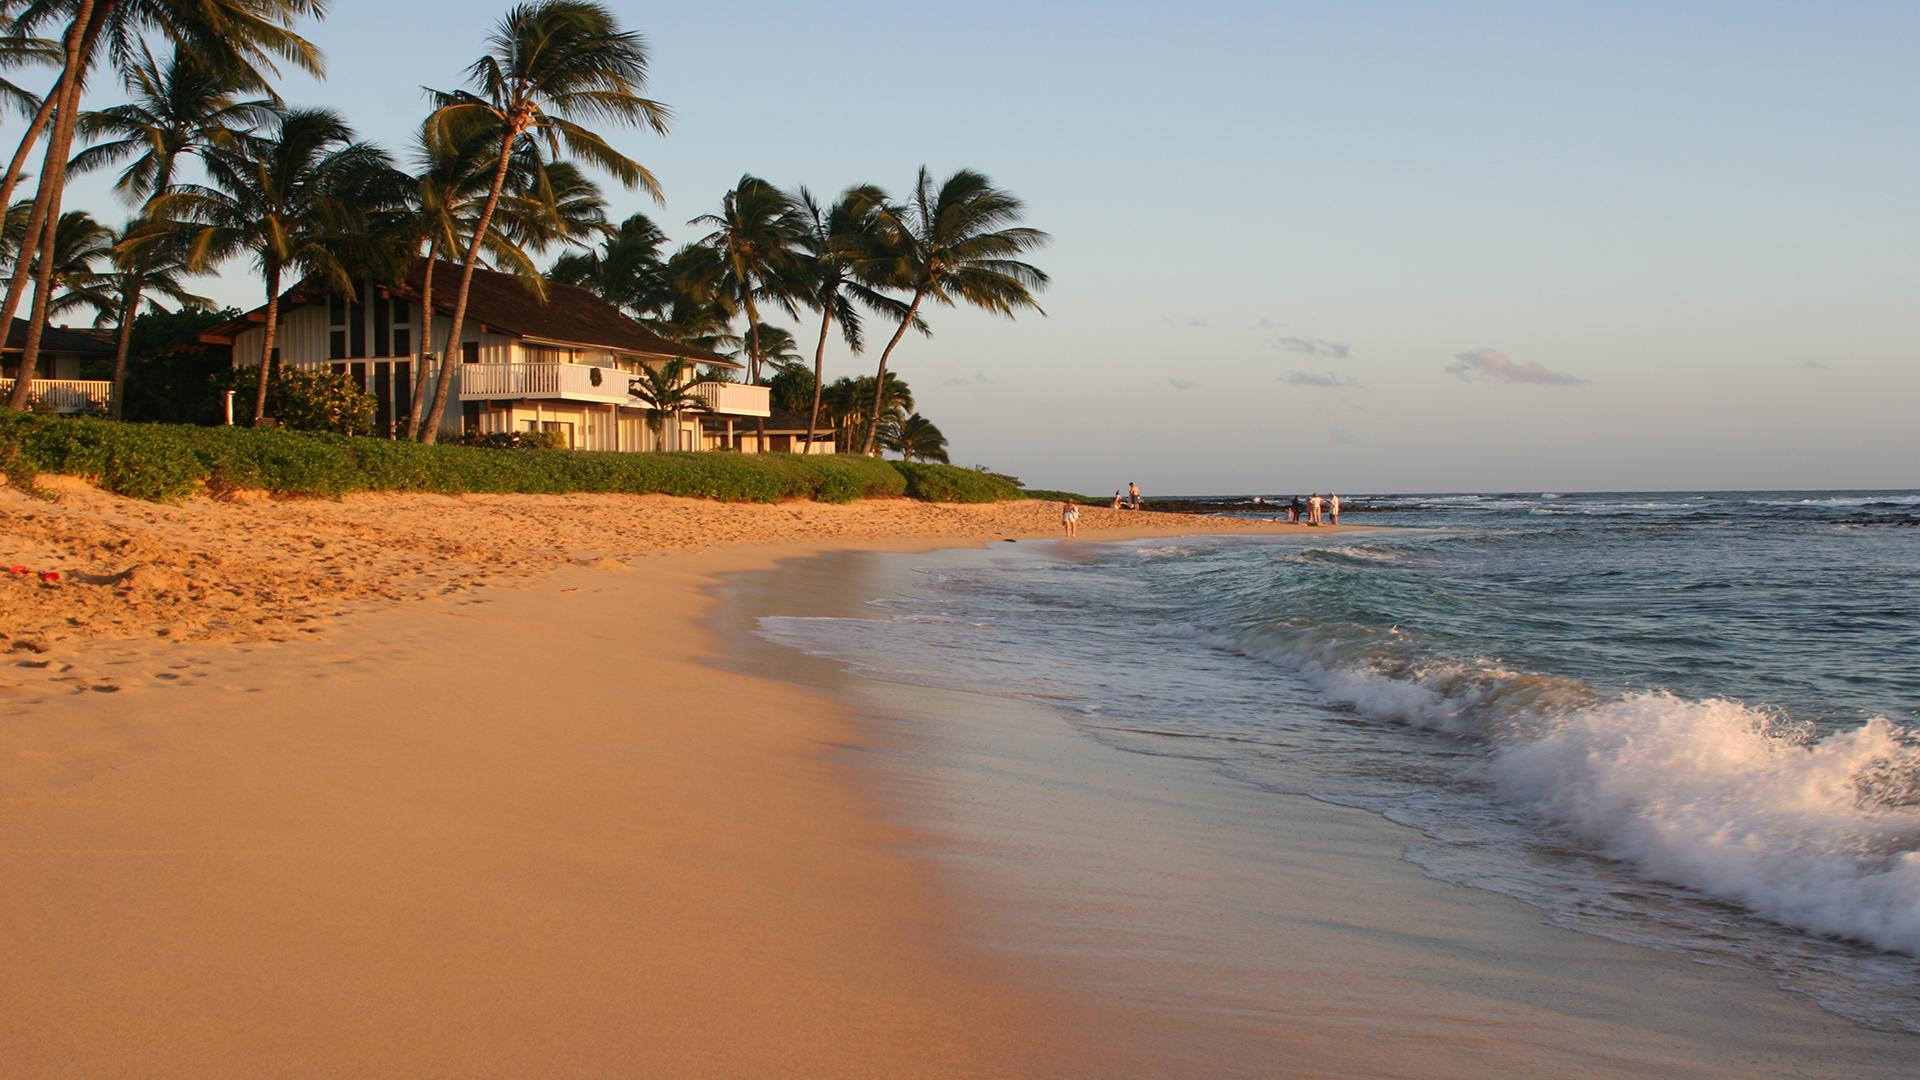 Kiahuna Beachside